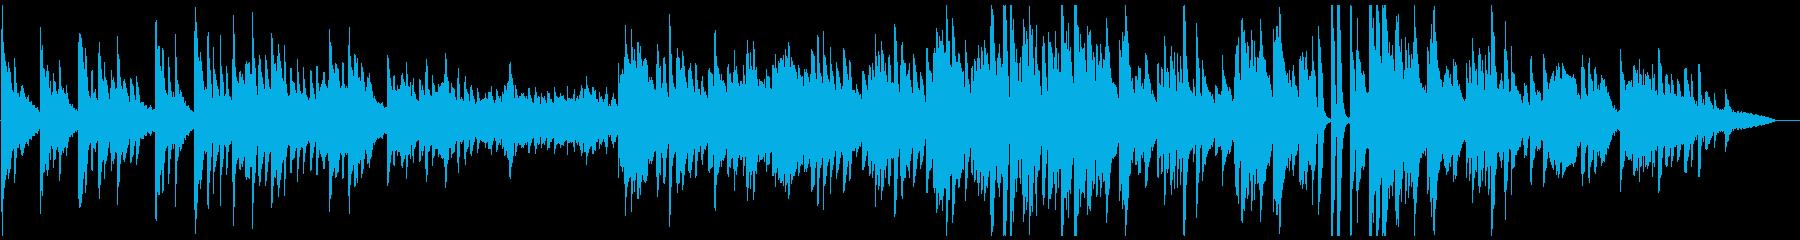 ピアノと弦楽のロマンチックで妖しいワルツの再生済みの波形